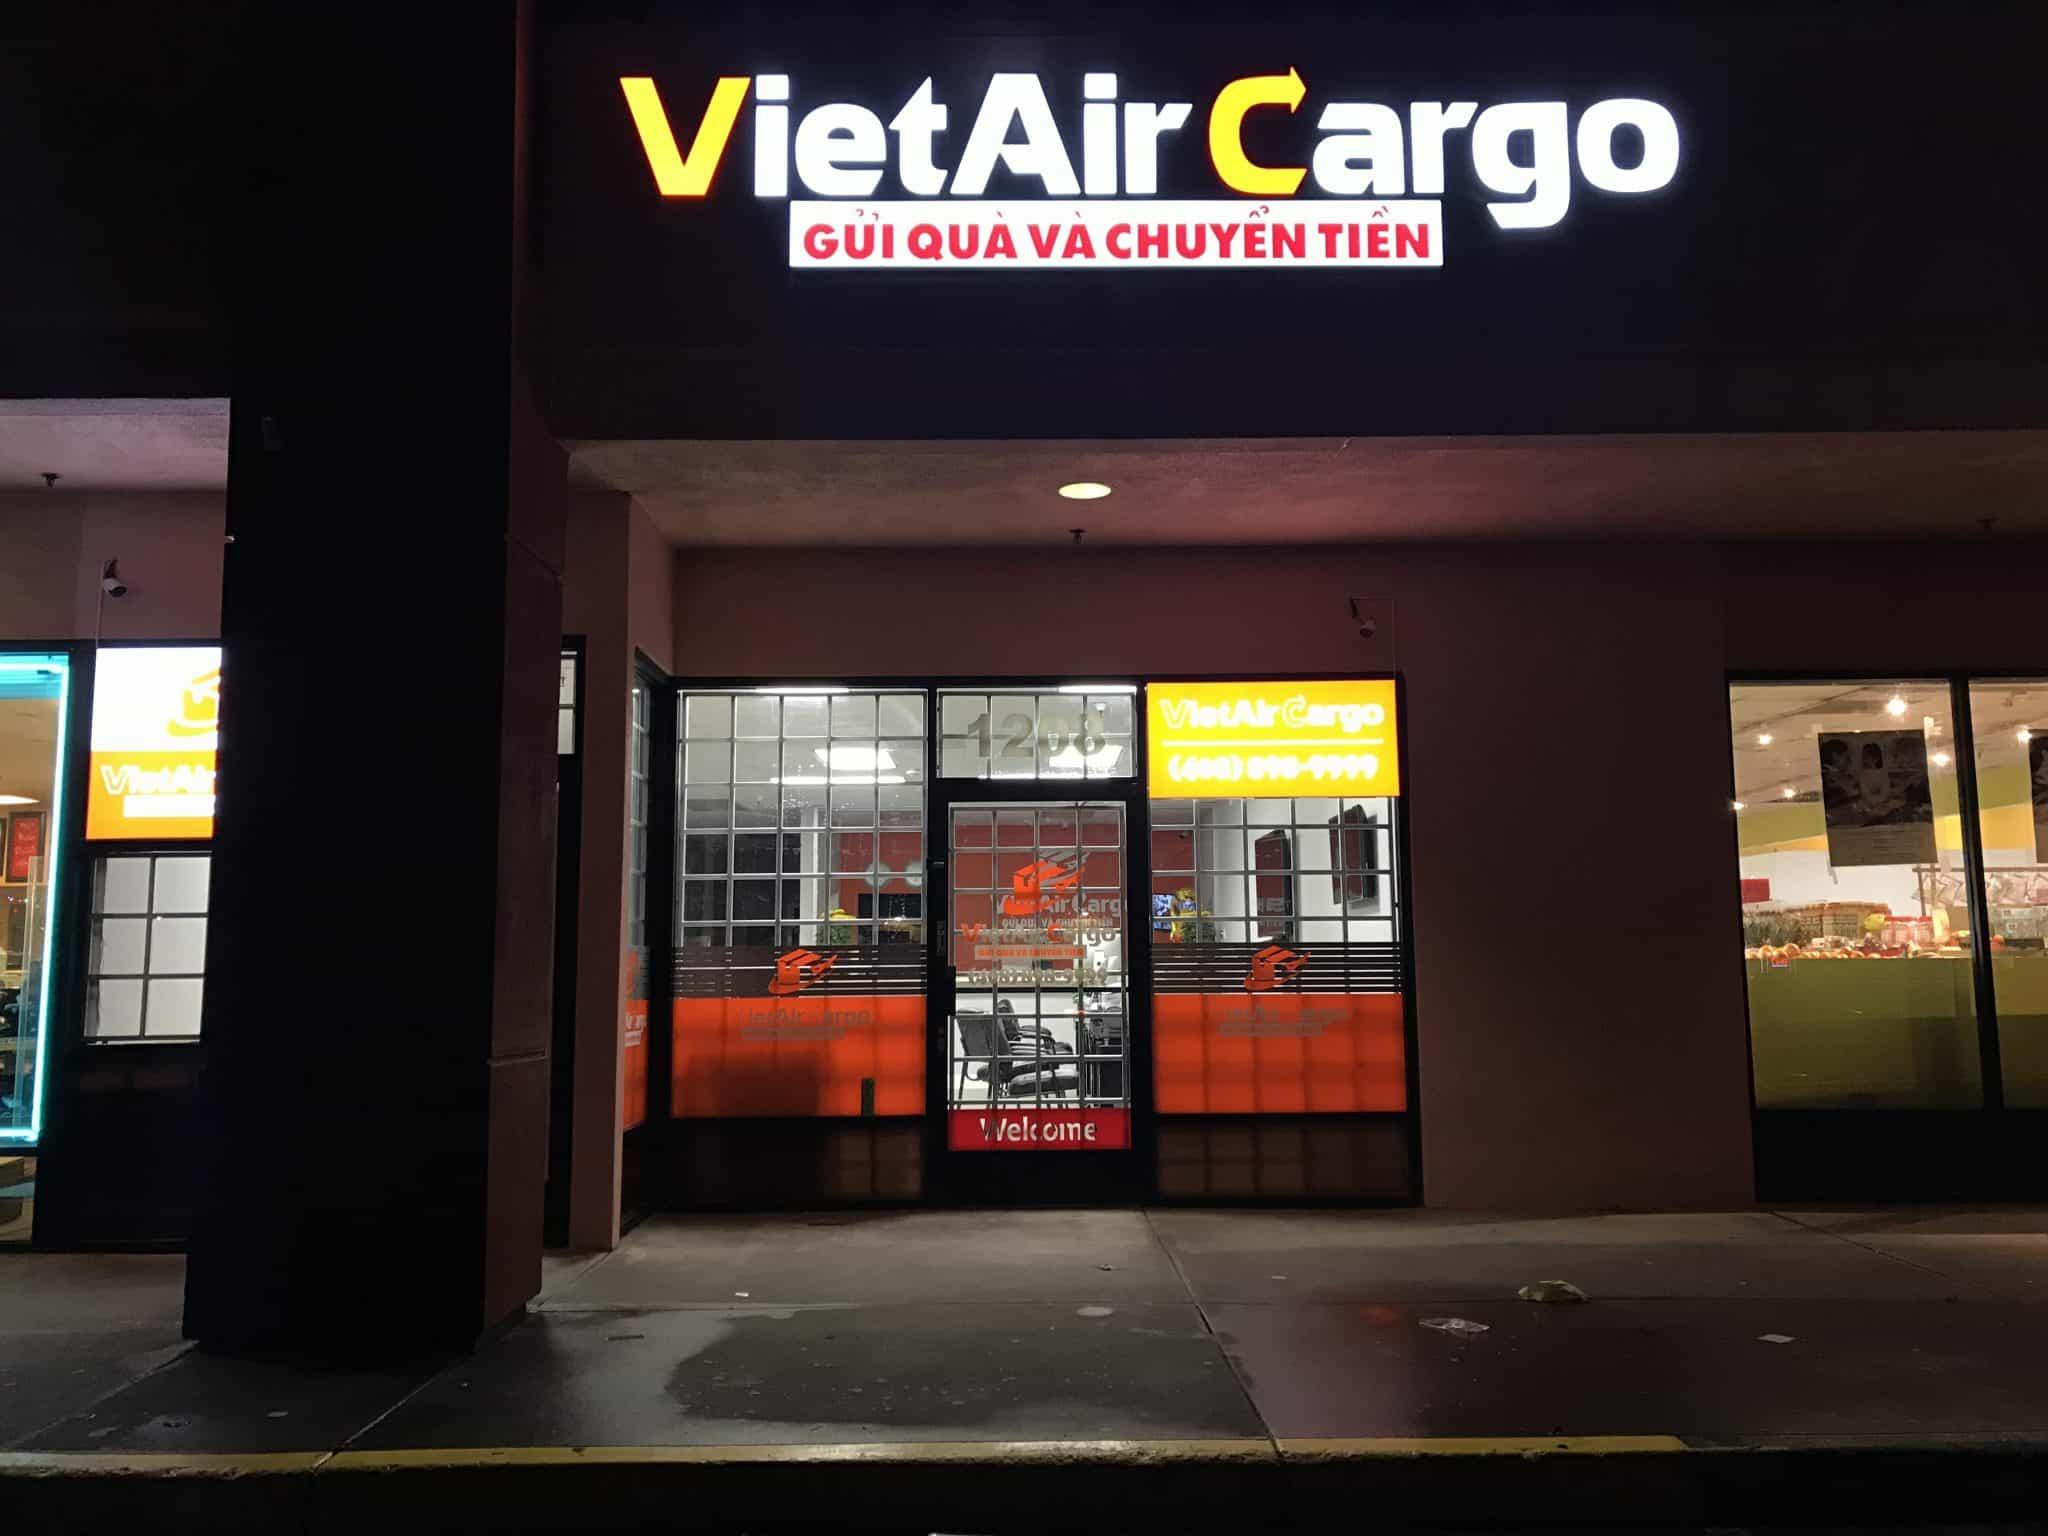 don-vi-chuyen-hang-tu-san-jose-ve-viet-nam-tot-nhat-hien-nay-2 Đơn vị nào nhận chuyển hàng từ San Jose về Việt Nam tốt nhất hiện nay